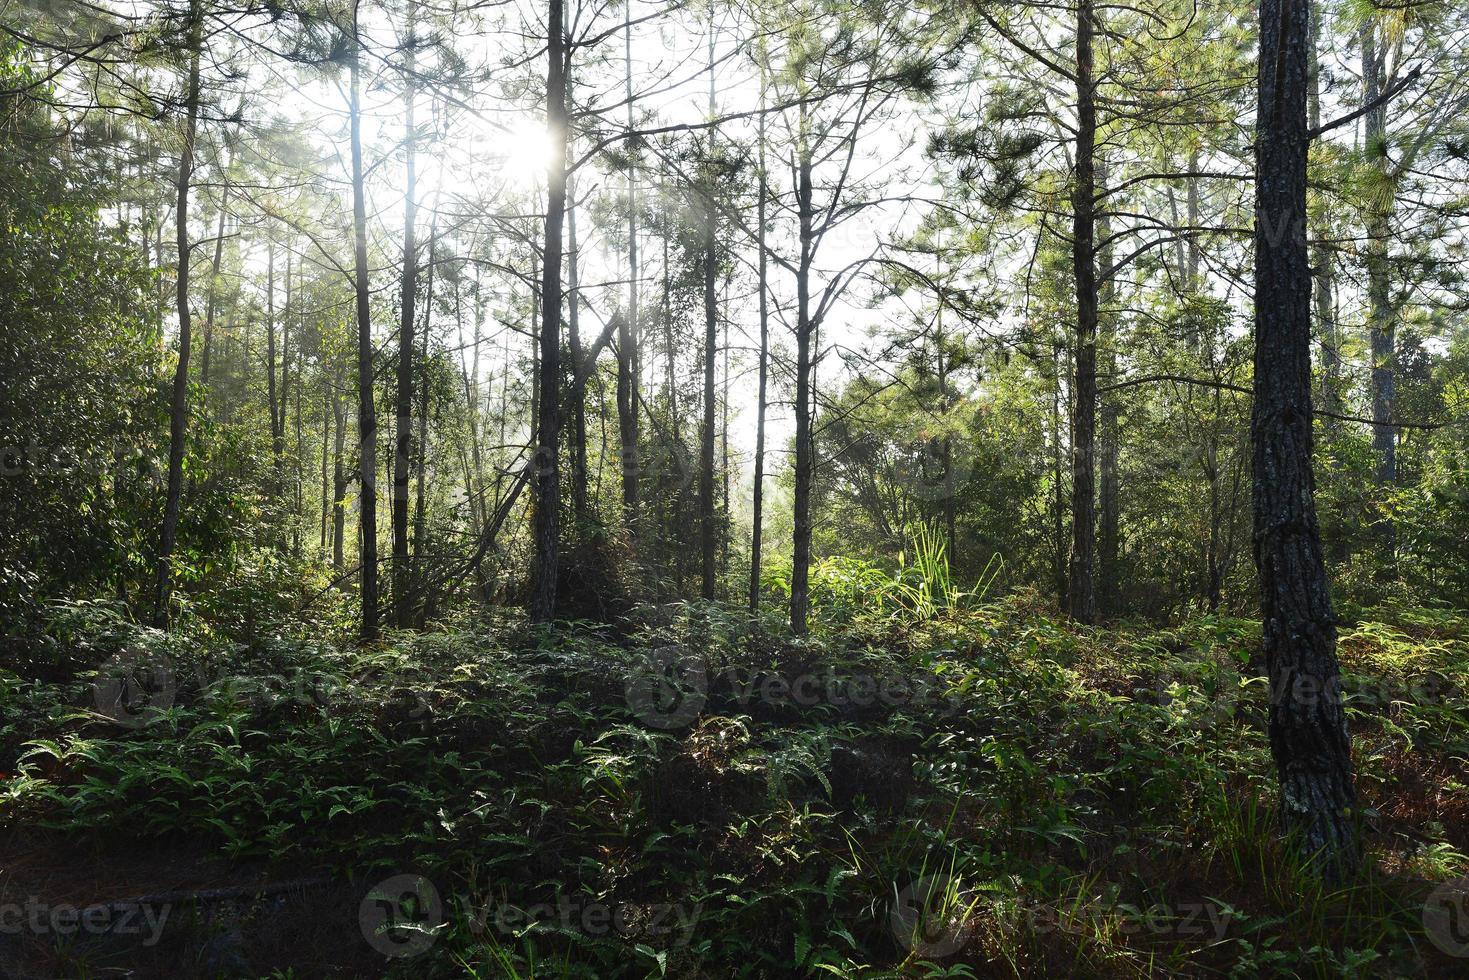 trilha para caminhada na floresta tropical da tailândia foto